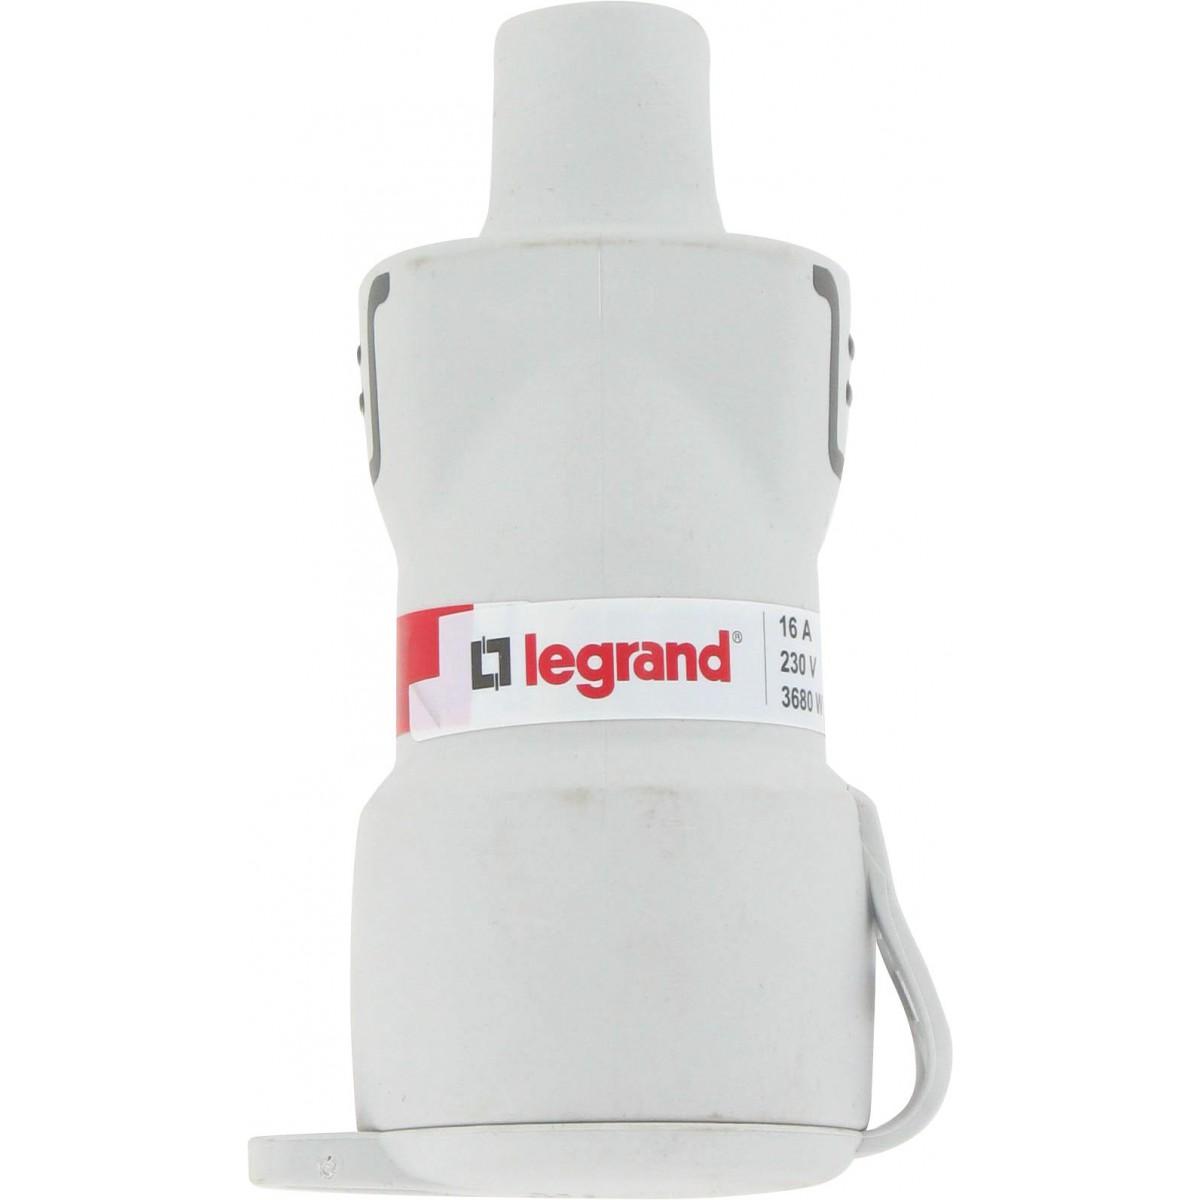 Fiche caoutchouc Plexo 2P+T 16 A Legrand - Femelle